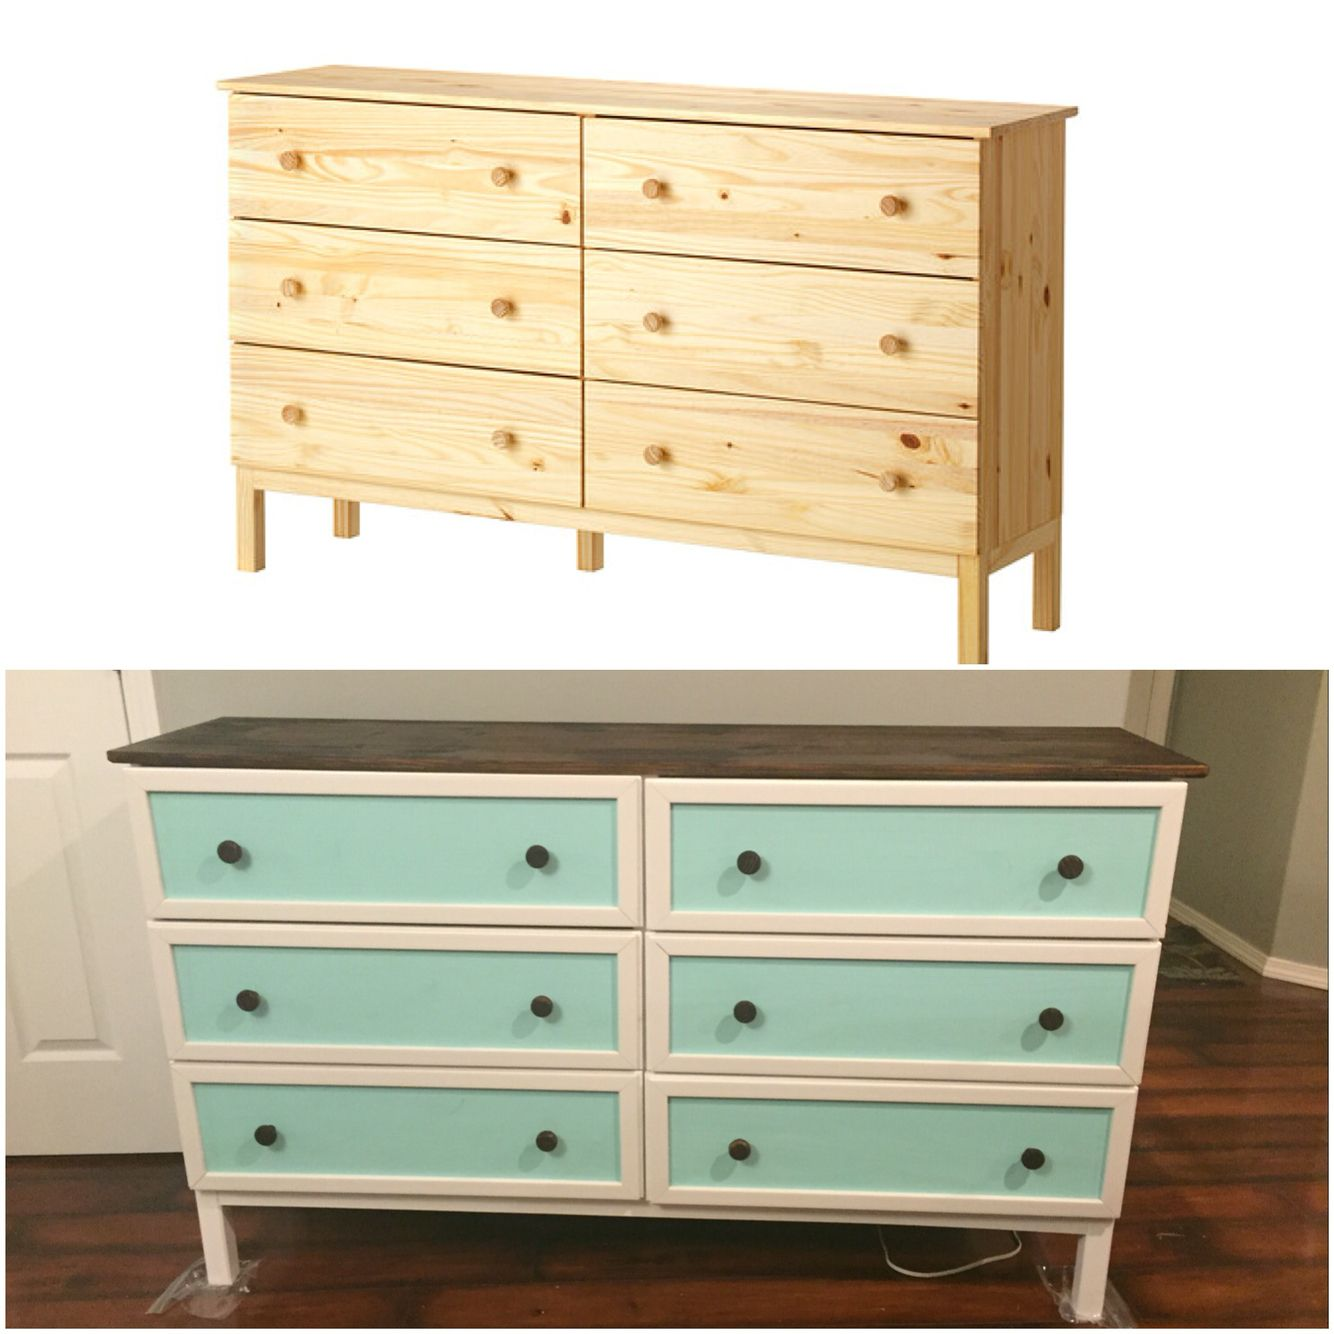 IKEA Tarva 6 Drawer Dresser Hack. Done In 6 Hours For $80. Valspar Furniture